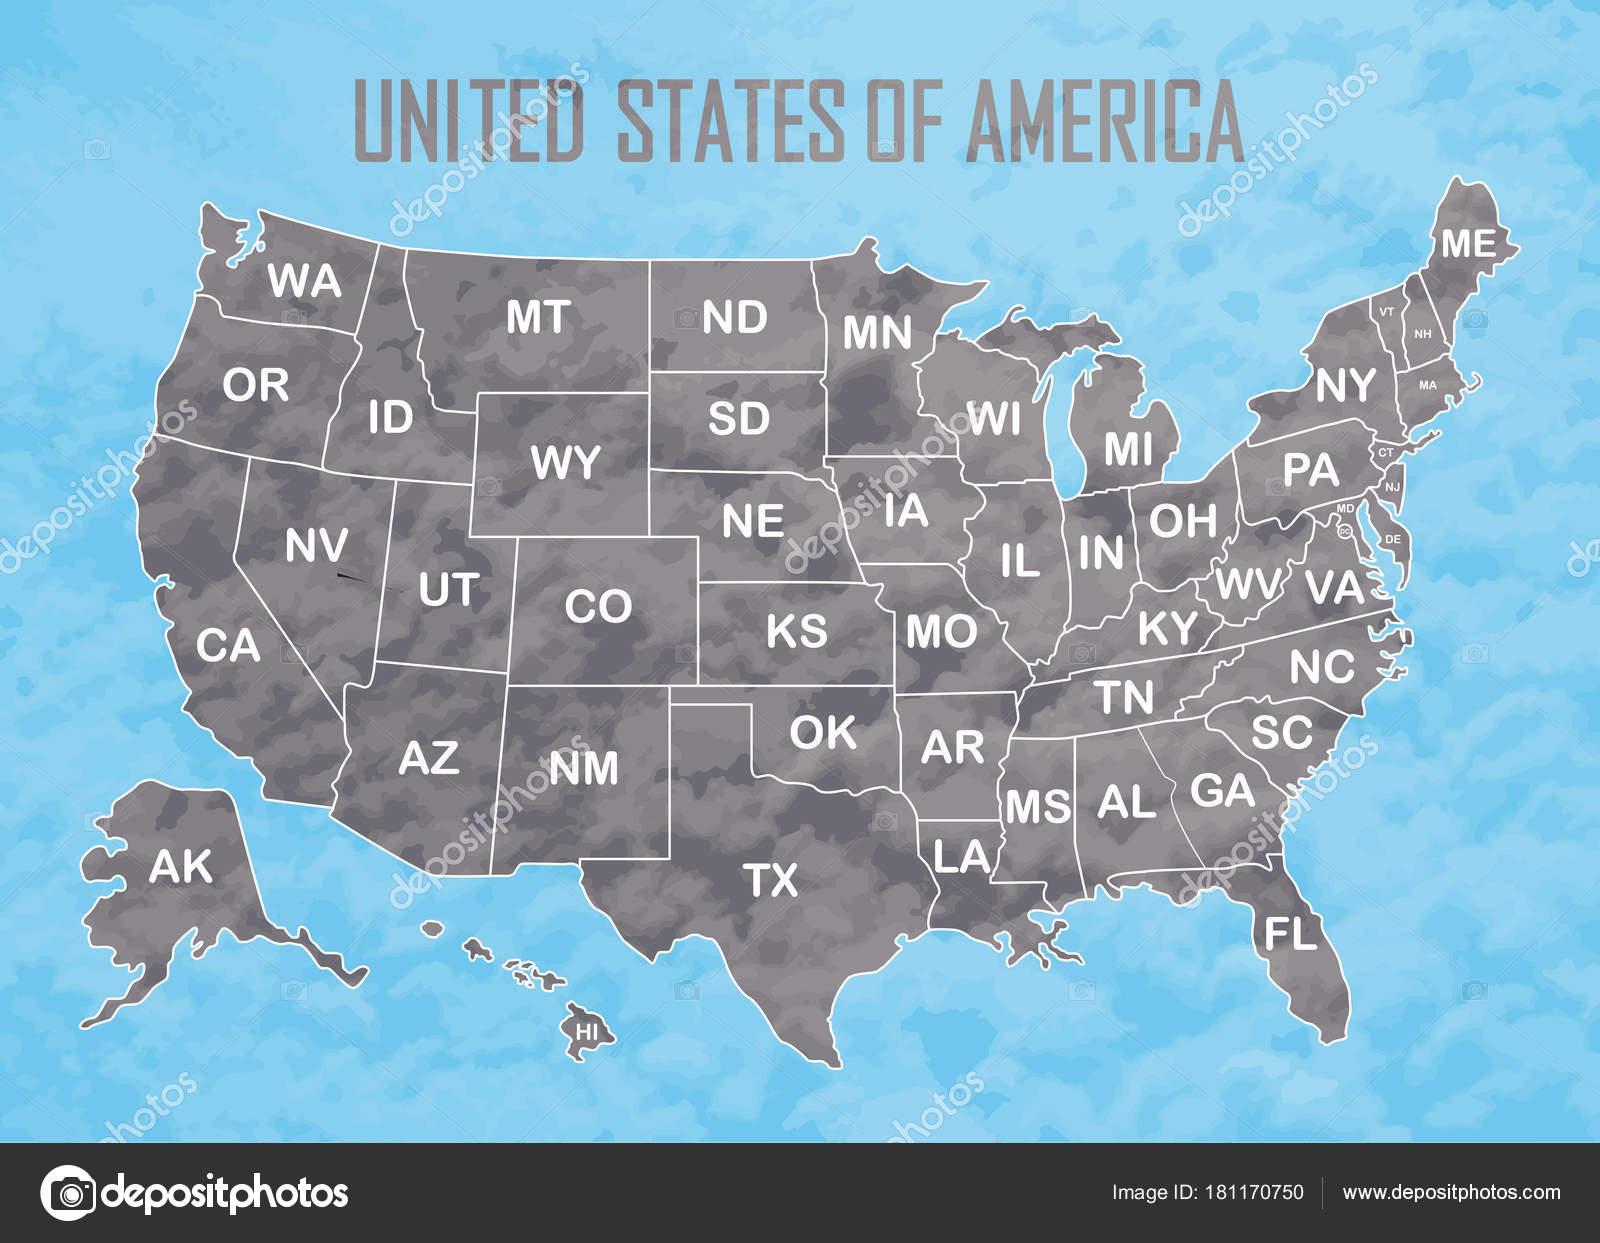 Amerika Karte Schwarz Weiß.Poster Karte Der Vereinigten Staaten Von Amerika Mit Statusnamen